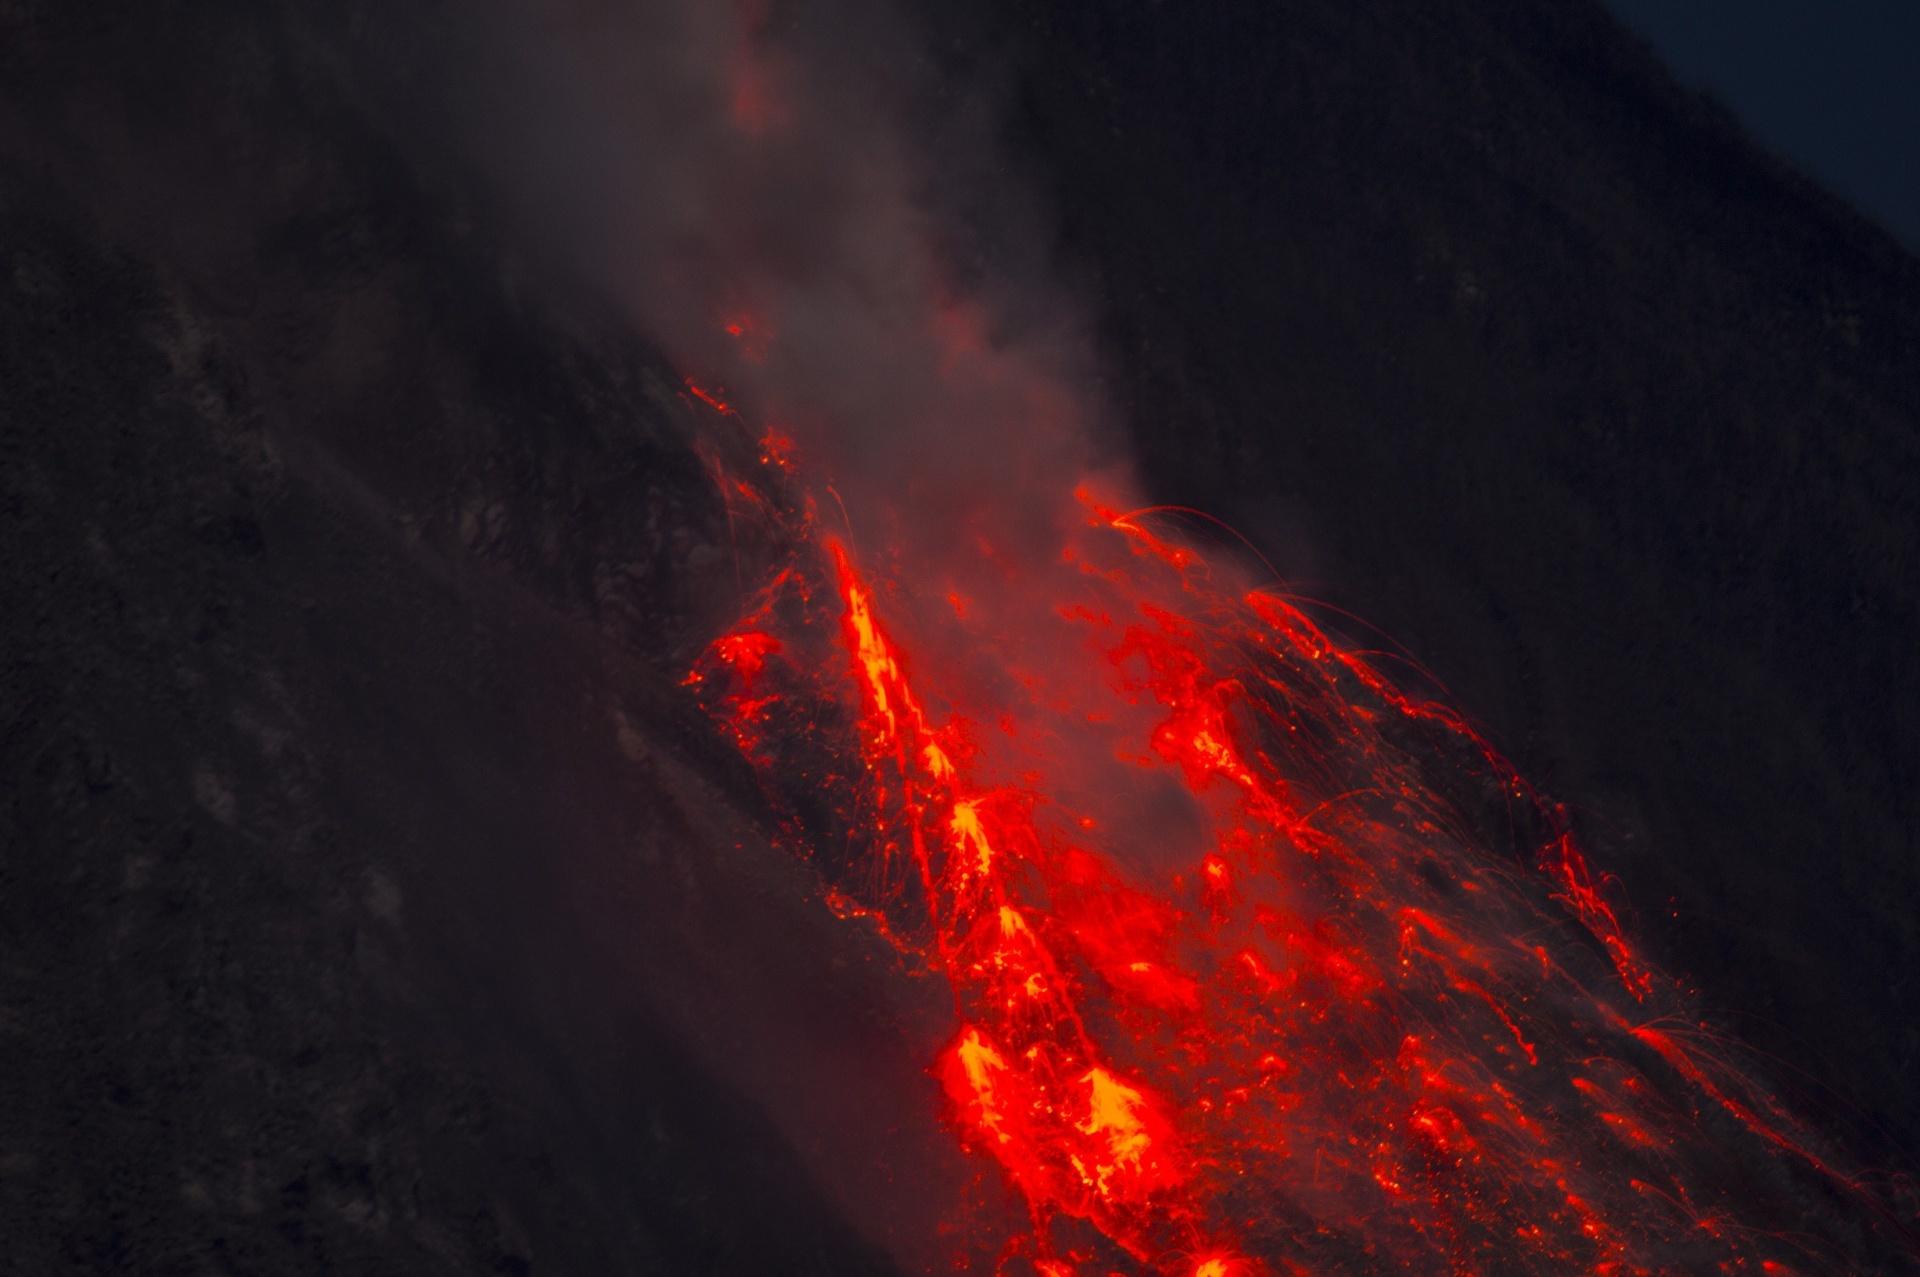 6.jun.2015 - Lava escorre para baixo da encosta do Monte Sinabung, neste sábado (6), na ilha de Sumatra. Cerca de 3.000 pessoas foram retiradas de suas casas depois que o vulcão --um dos 129 ativos na Indonésia-- entrou em erupção. Na última quinta-feira (4), em função do grande aumento de atividade vulcânica, o governo indonésio emitiu um alerta máximo e autorizou o Exército a executar o plano de evacuação